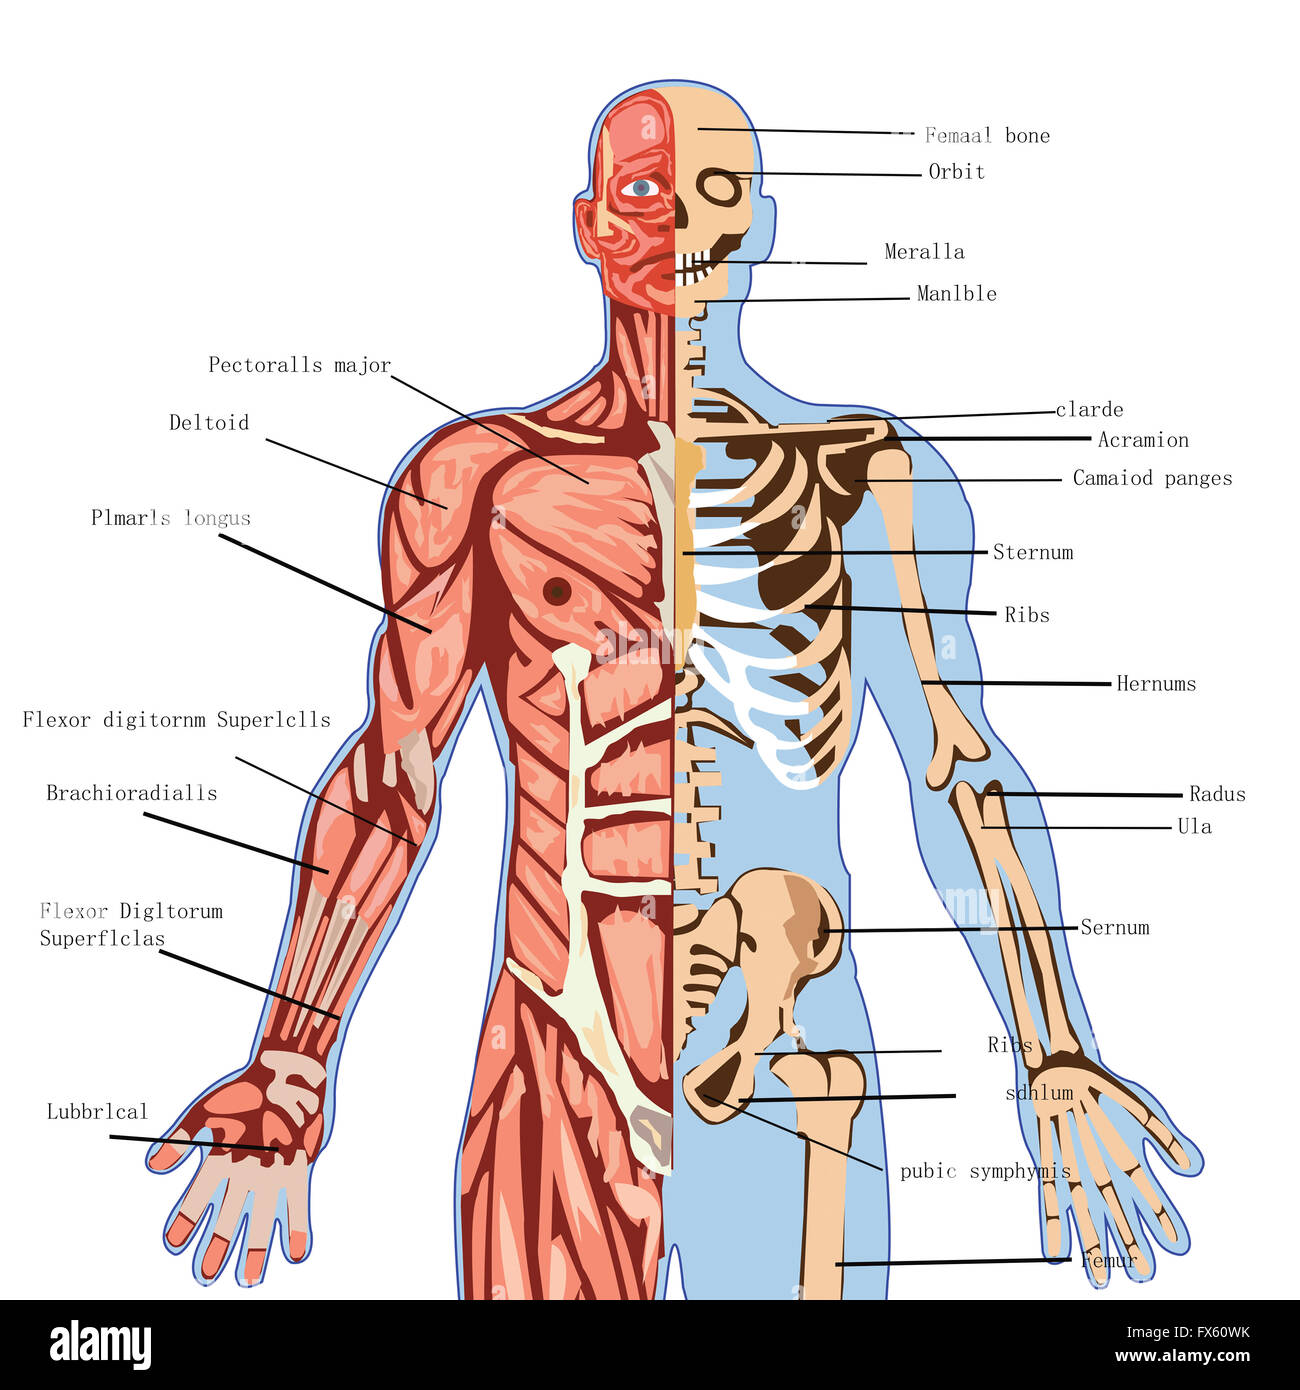 Körper, Mensch, Anatomie, Medizin, Gesundheit, Illustration, Medizin ...